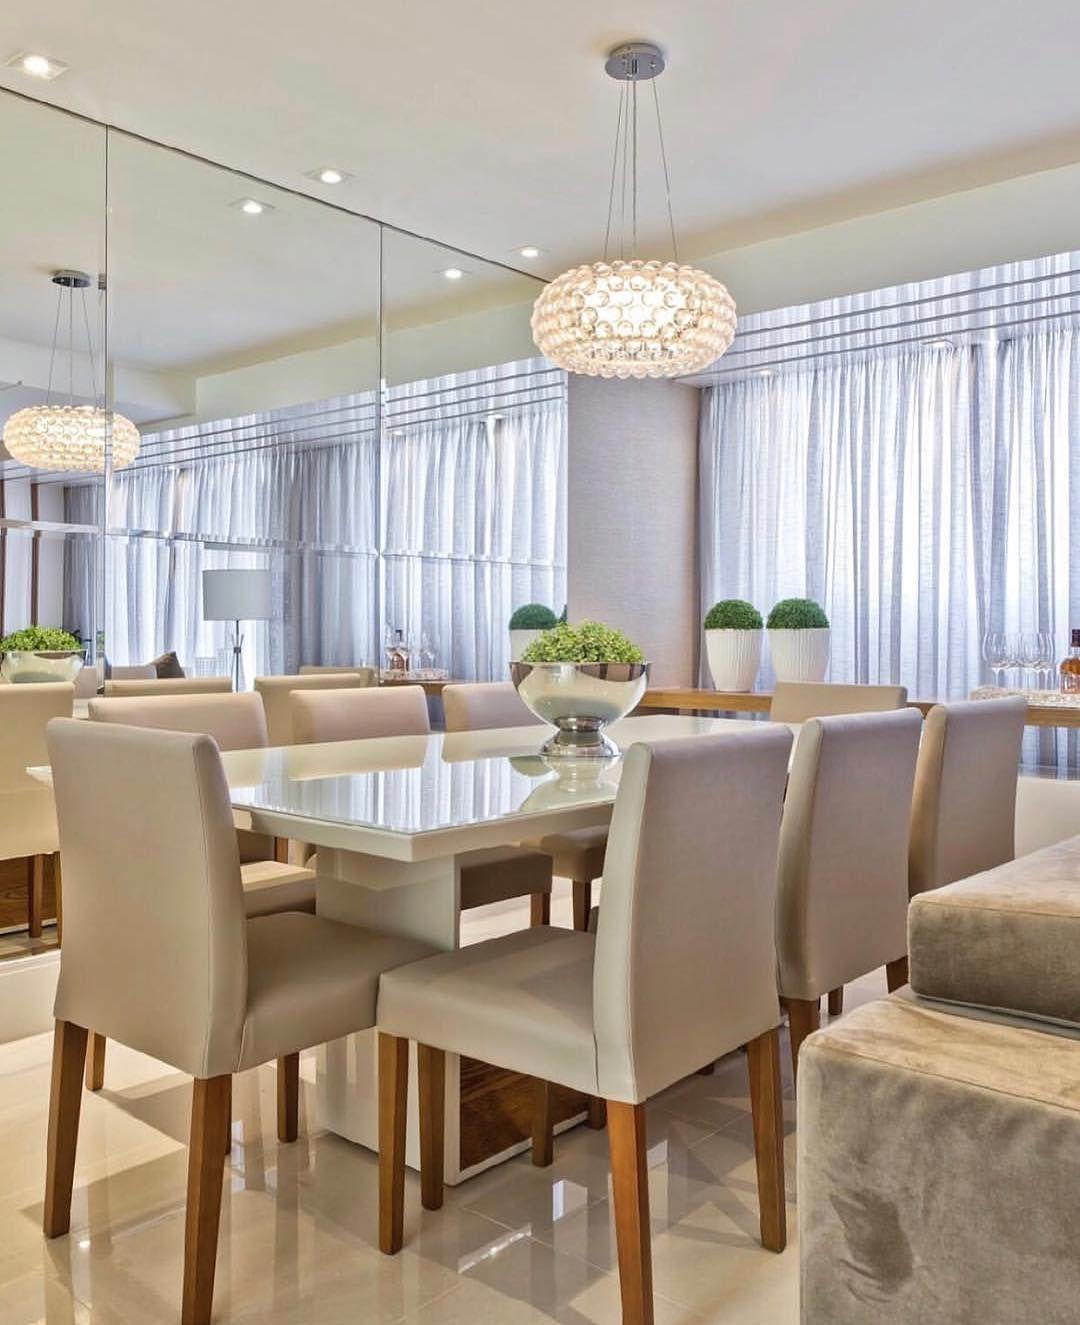 Lustre Sala De Jantar Diferente Estar Jantar Pinterest Room